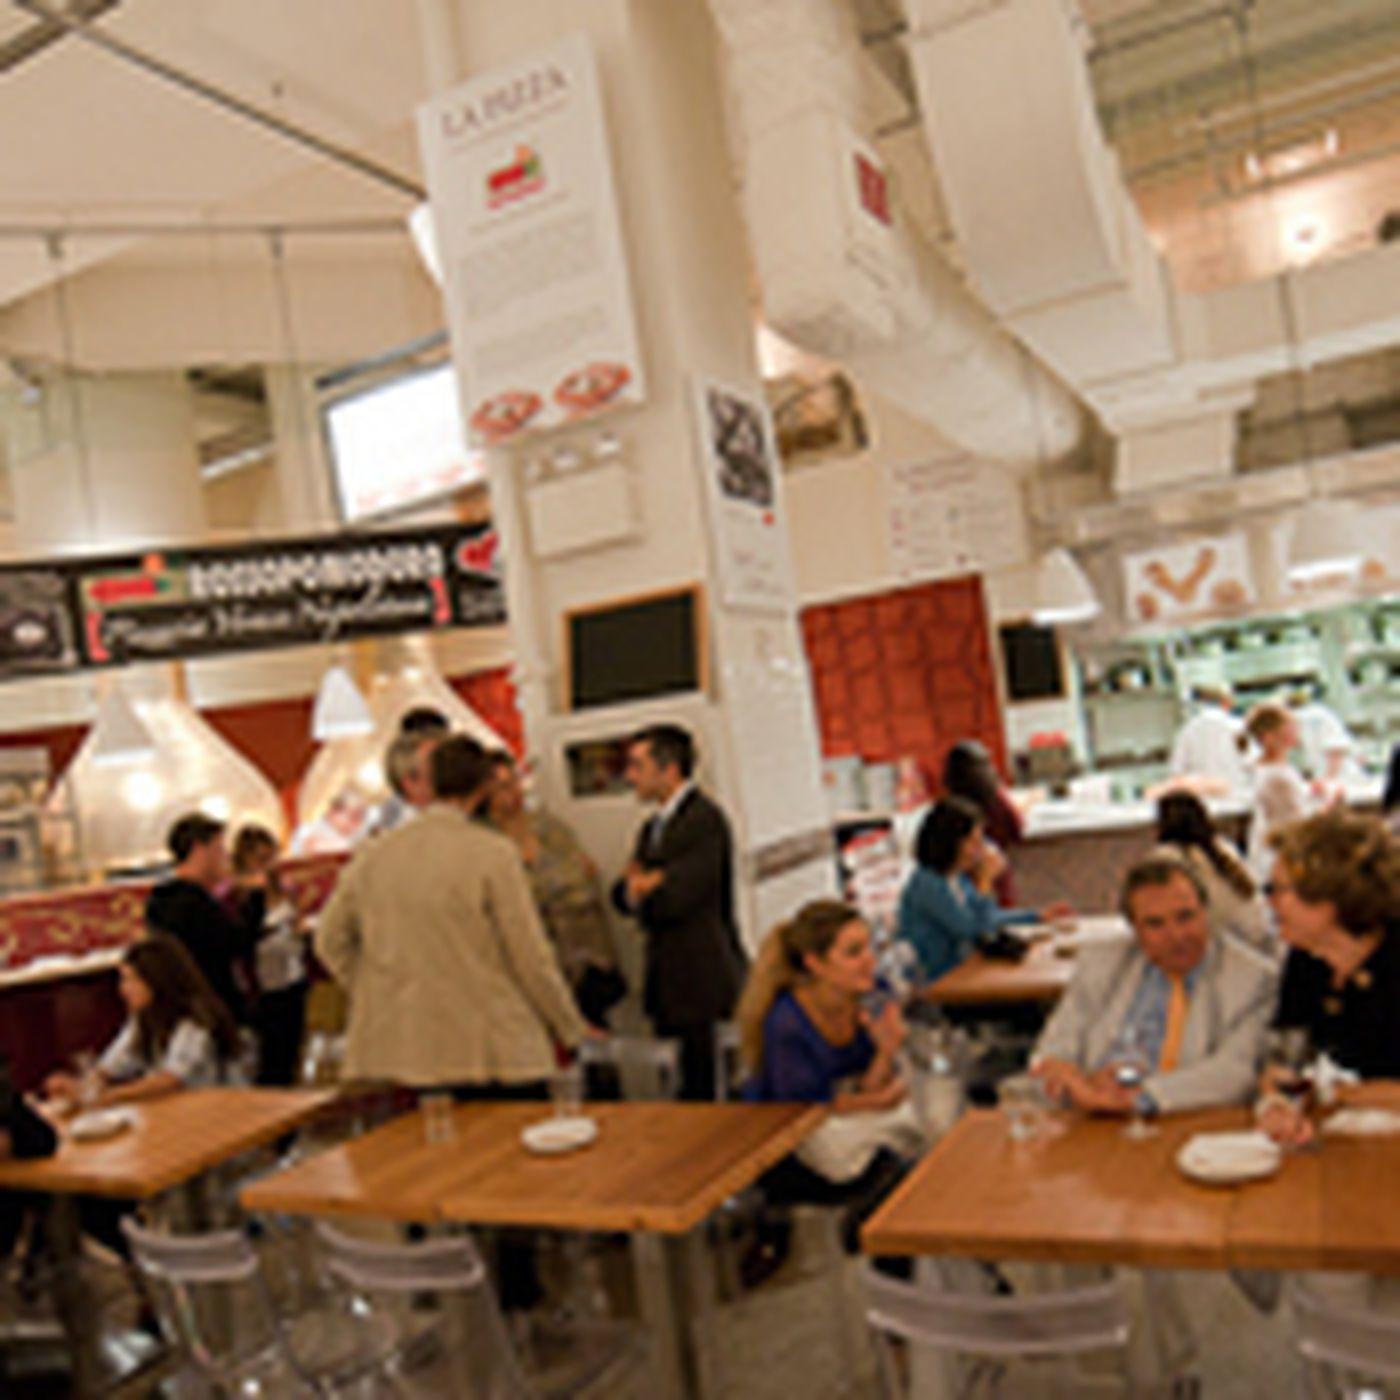 Eataly\'s Huge Rooftop Beer Garden/Restaurant to Open Soon - Eater NY